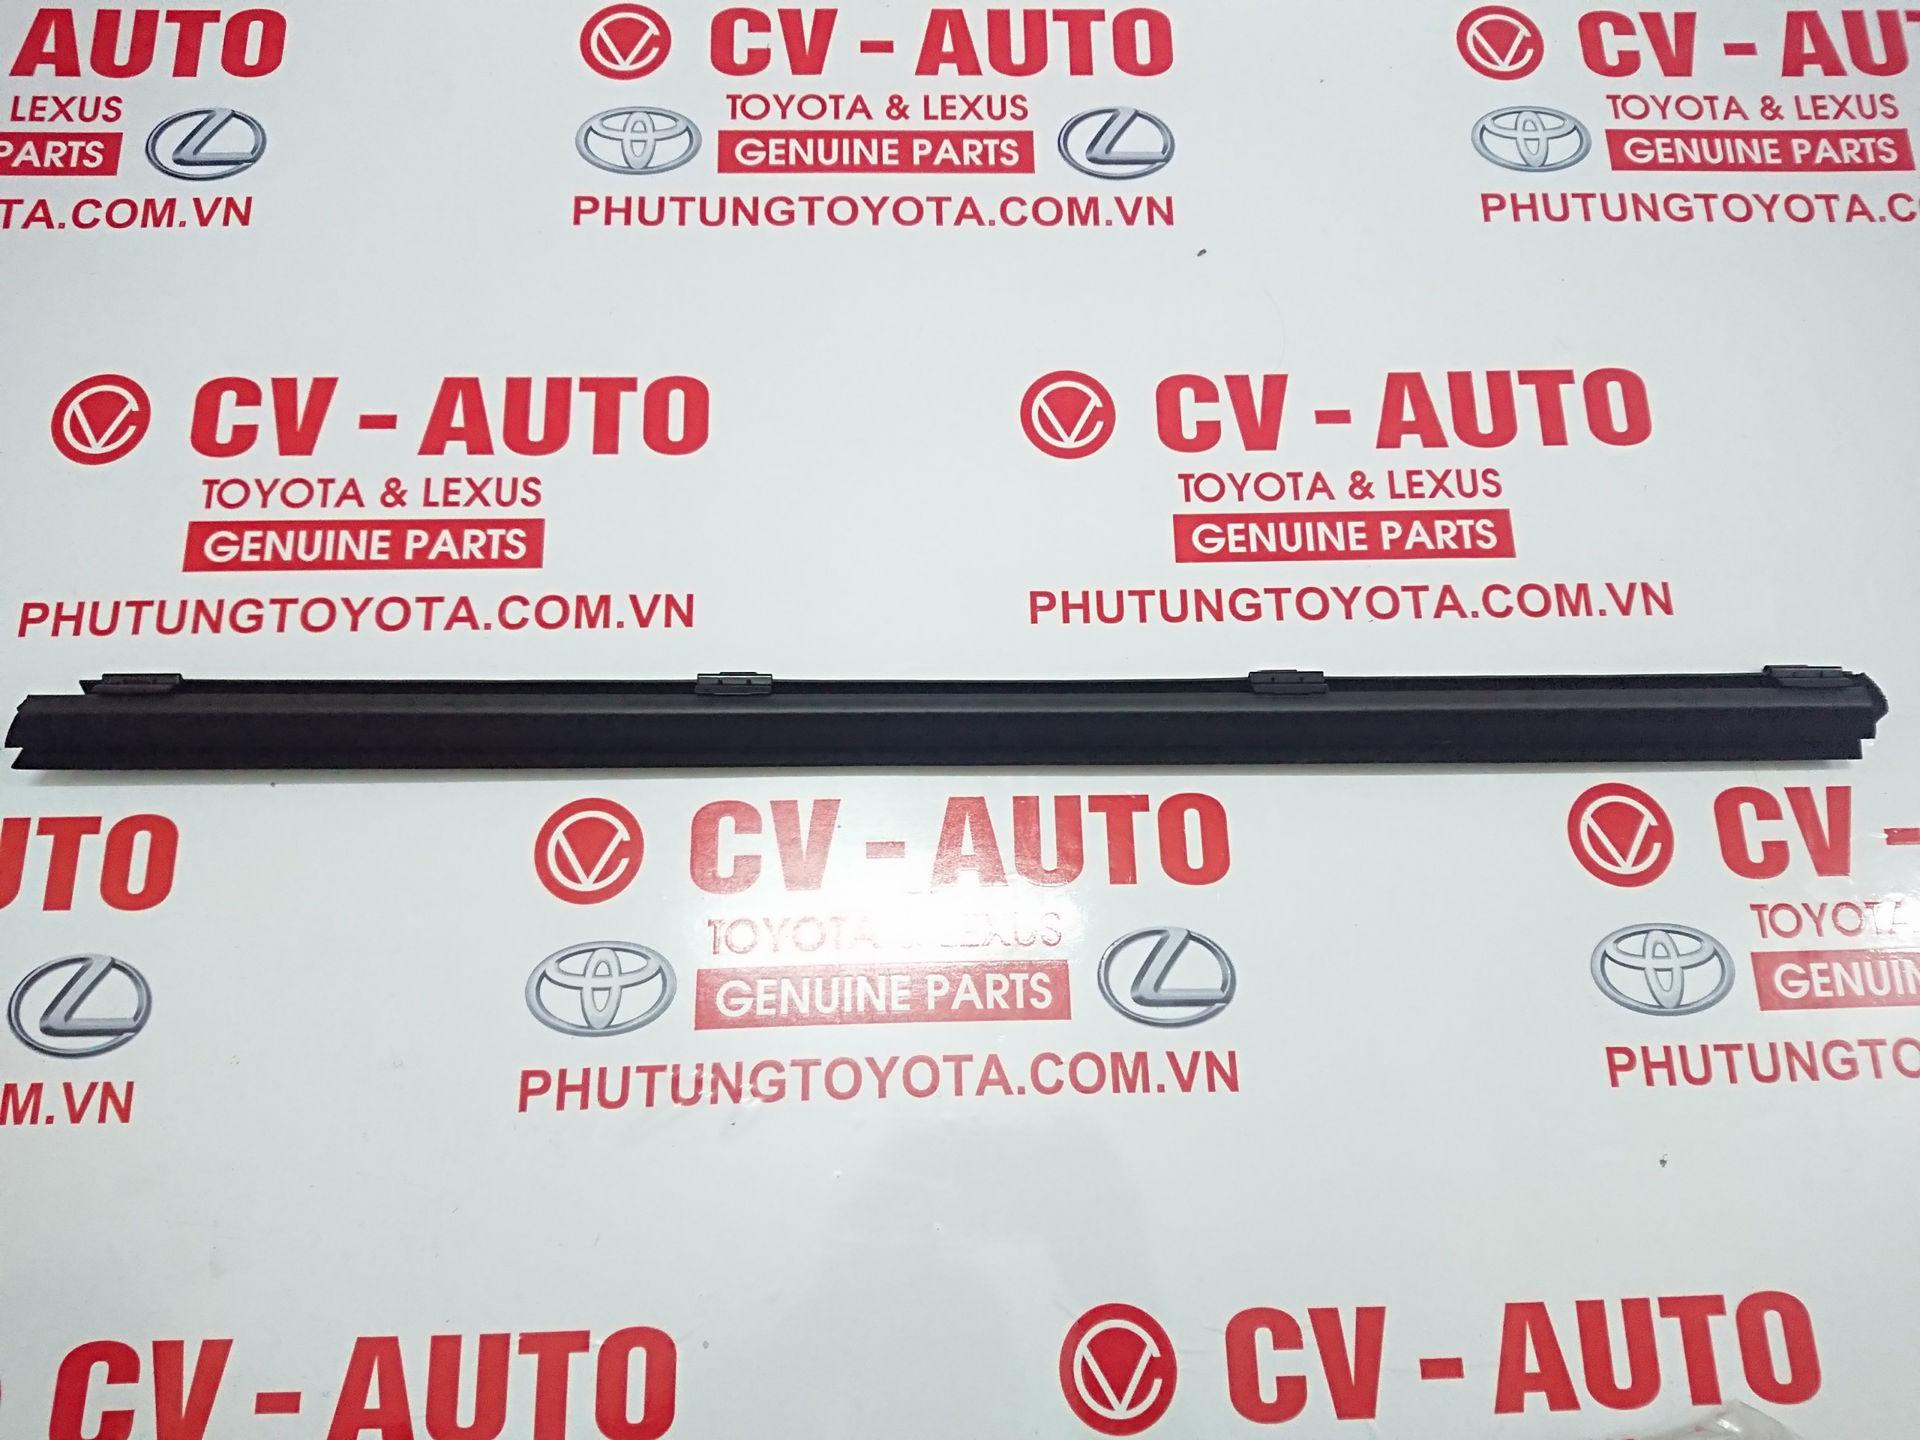 Picture of 68173-48050 Nẹp chân kính trong Lexus RX350 RX450 hàng chính hãng